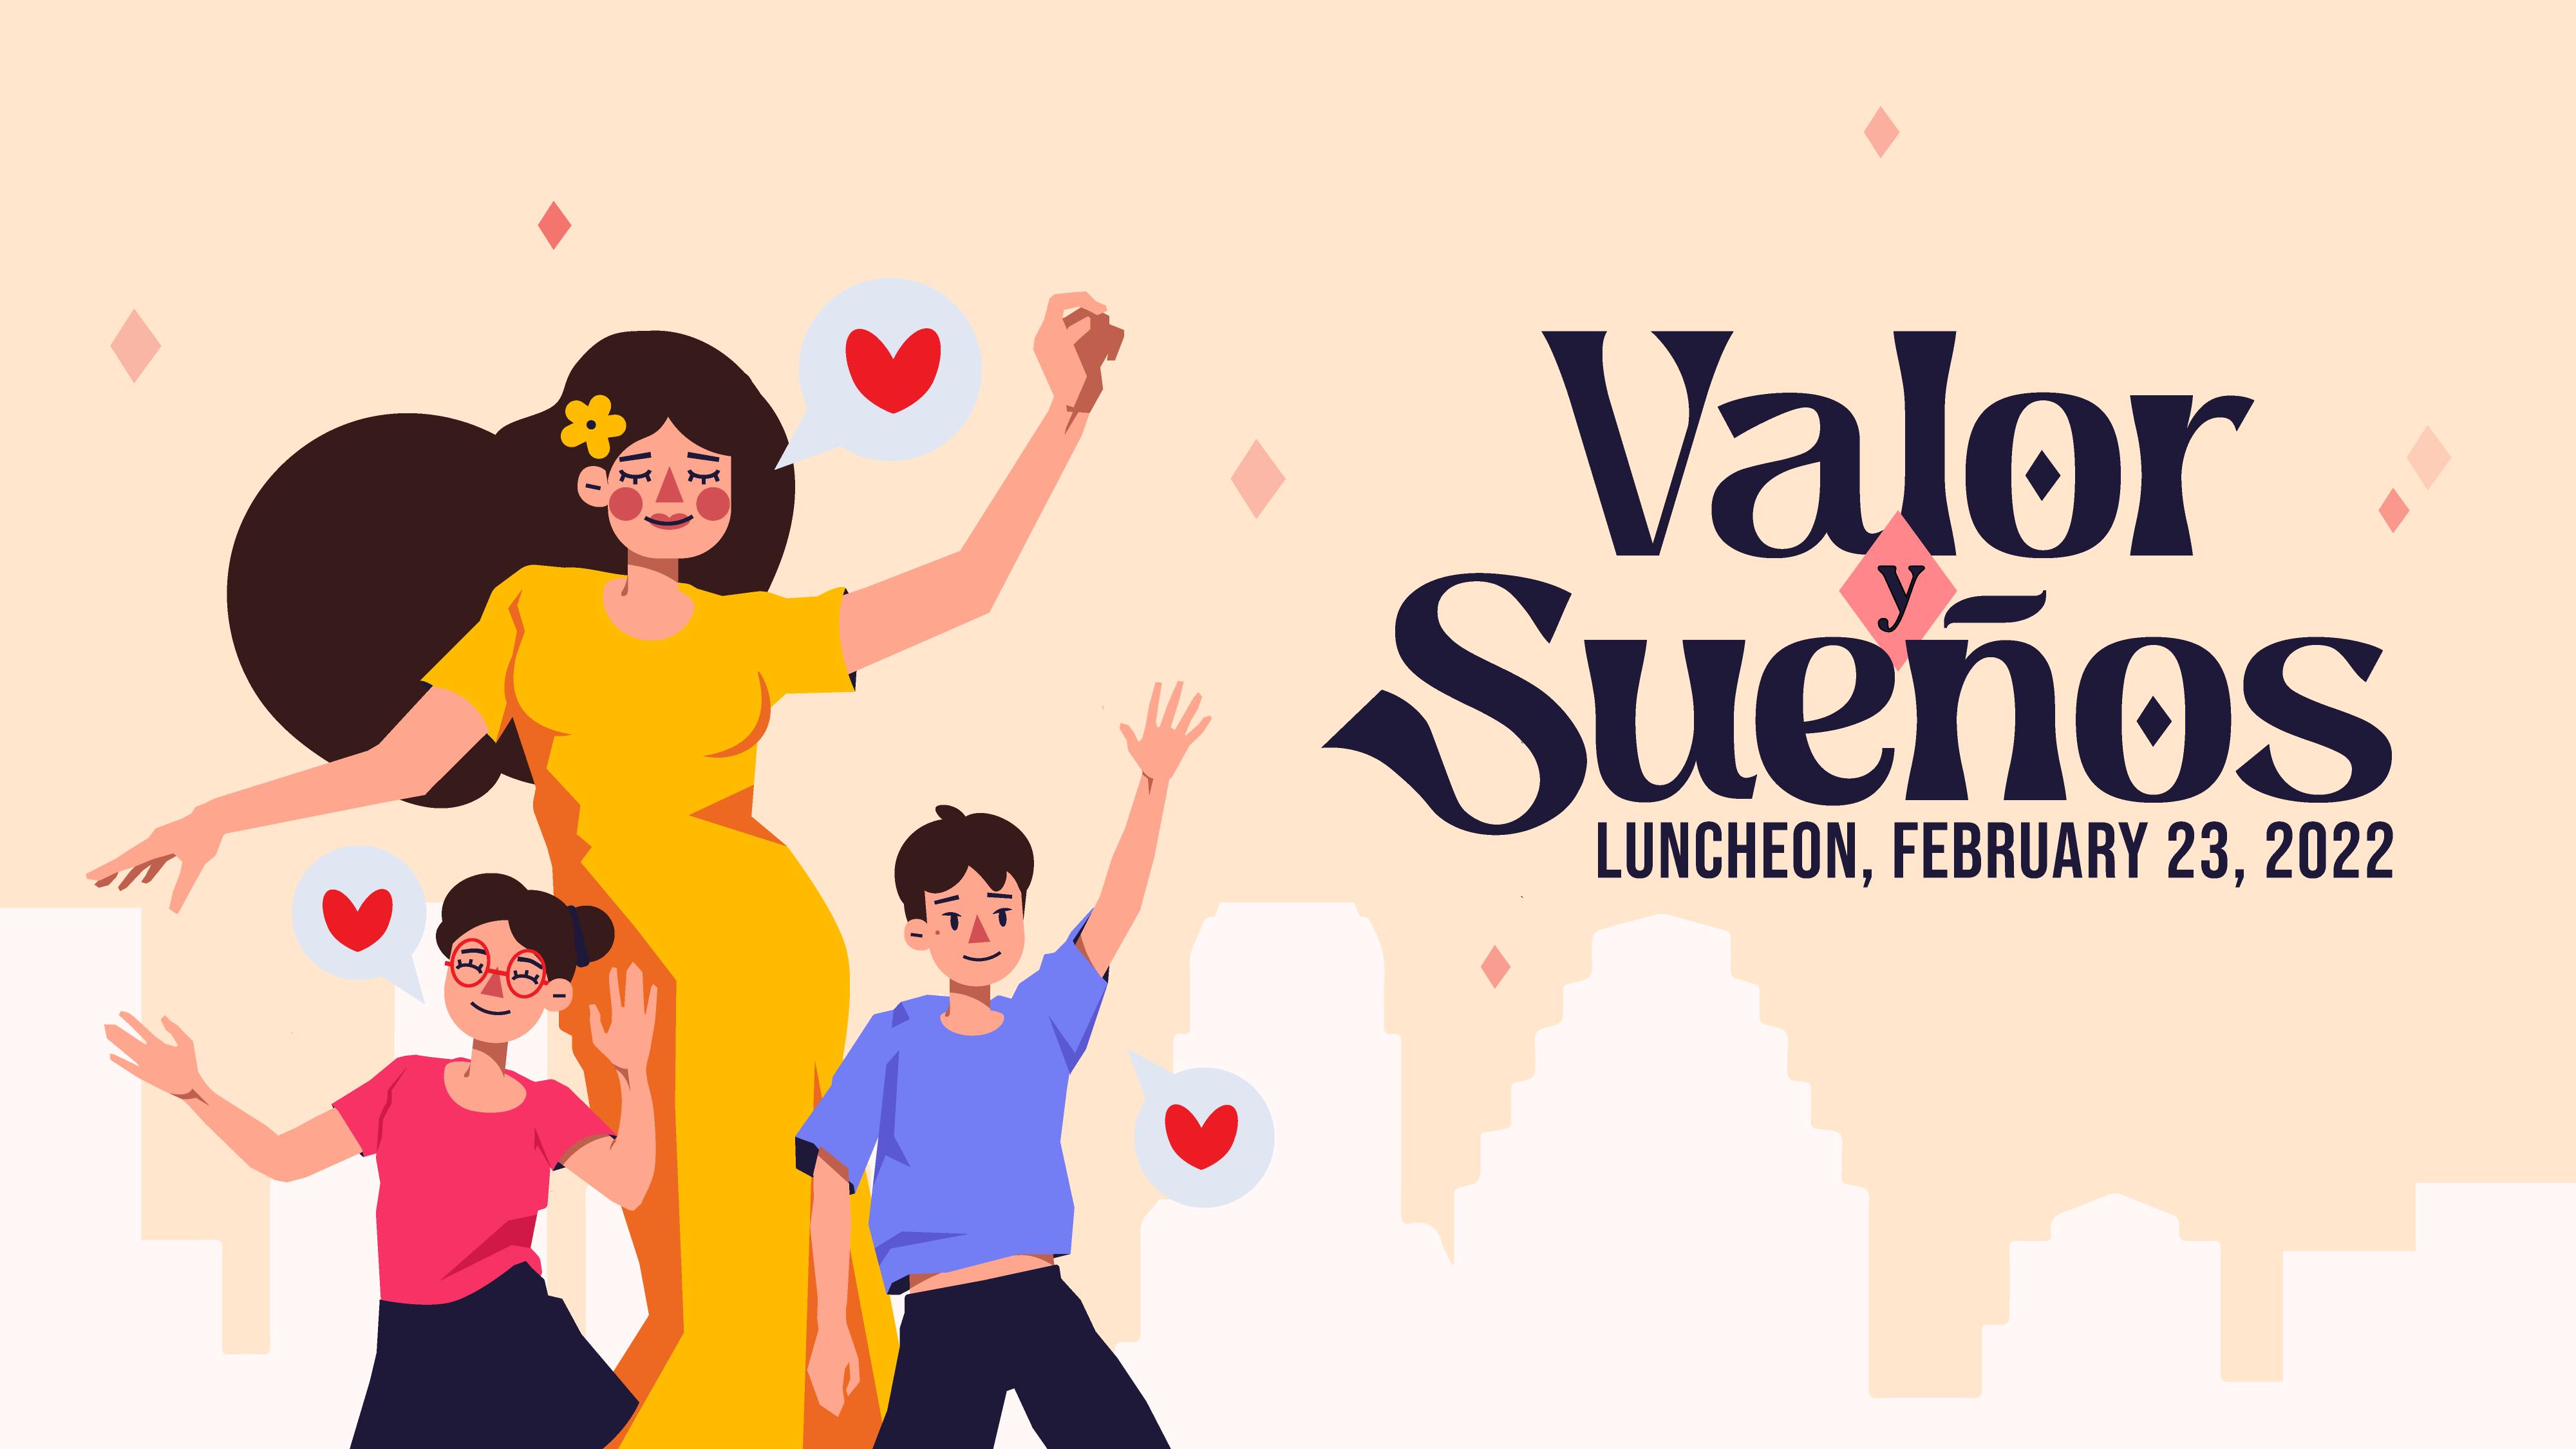 valor_y_suenos_campaign_pii_poster-landscape